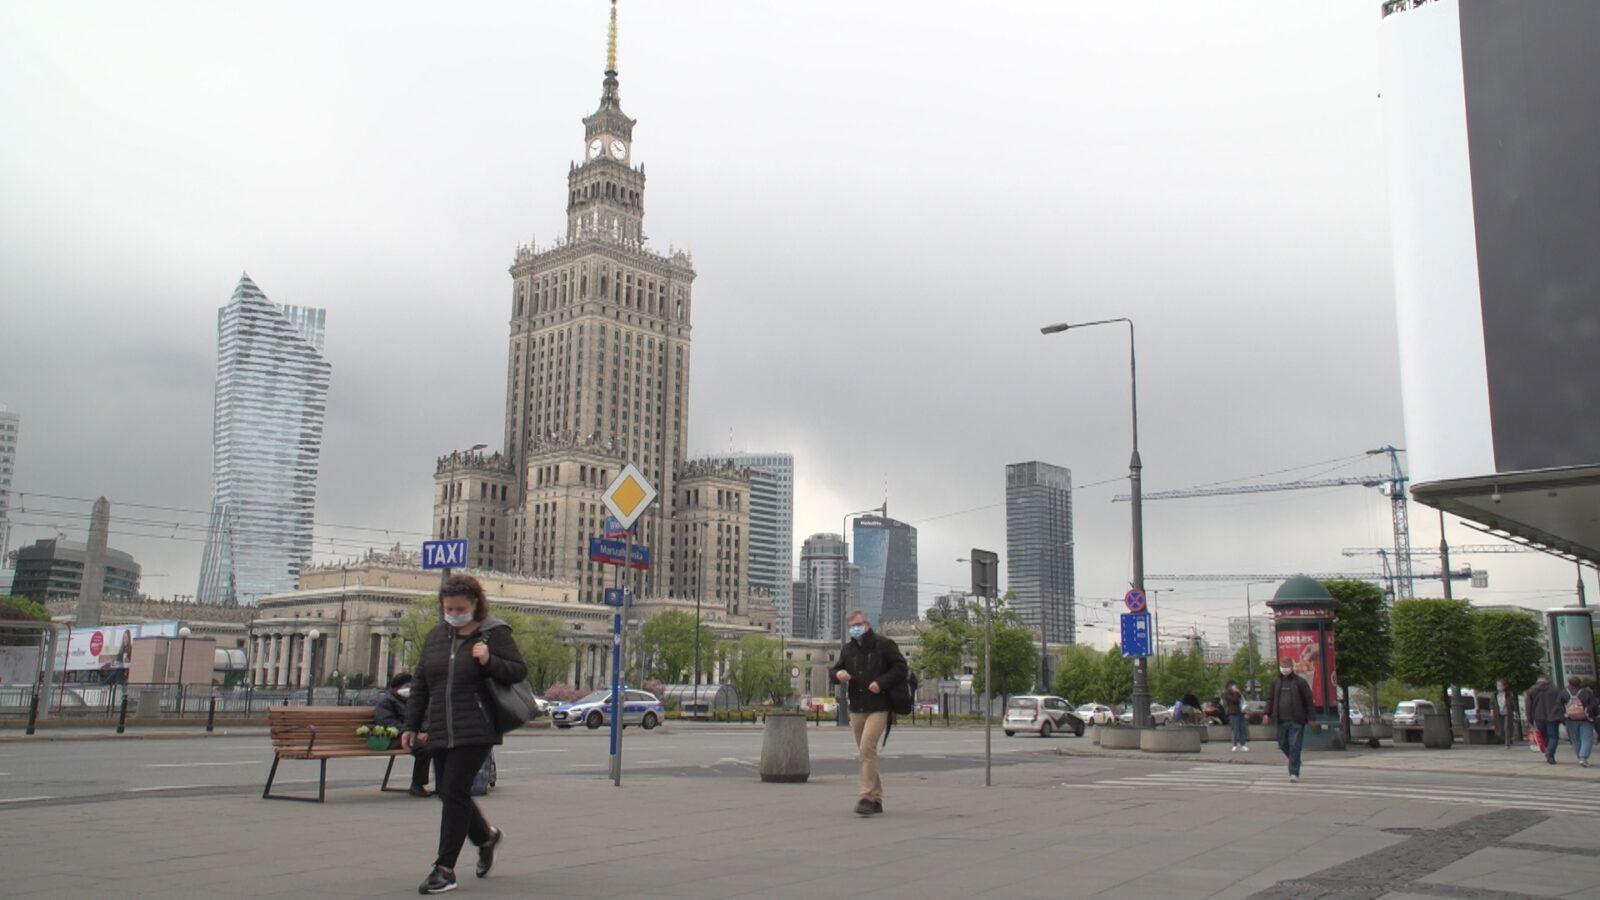 Niepewność i izolacja odbijają się na zdrowiu psychicznym społeczeństwa. U 40 proc. Polaków pojawiają się objawy stresu pourazowego